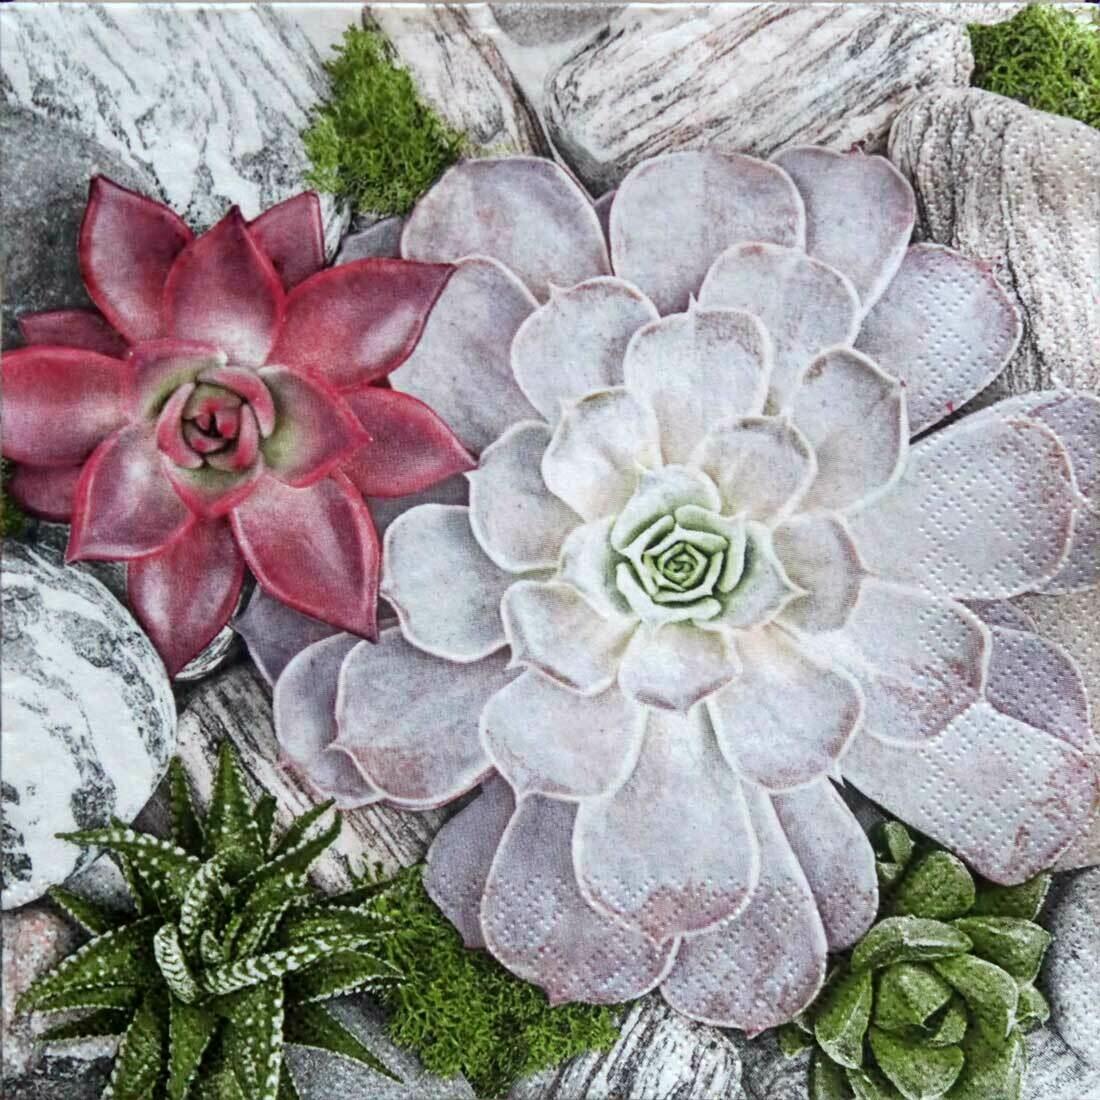 Decoupage Paper Napkins - Floral - Succulent Plants and Stones (1 Sheet)